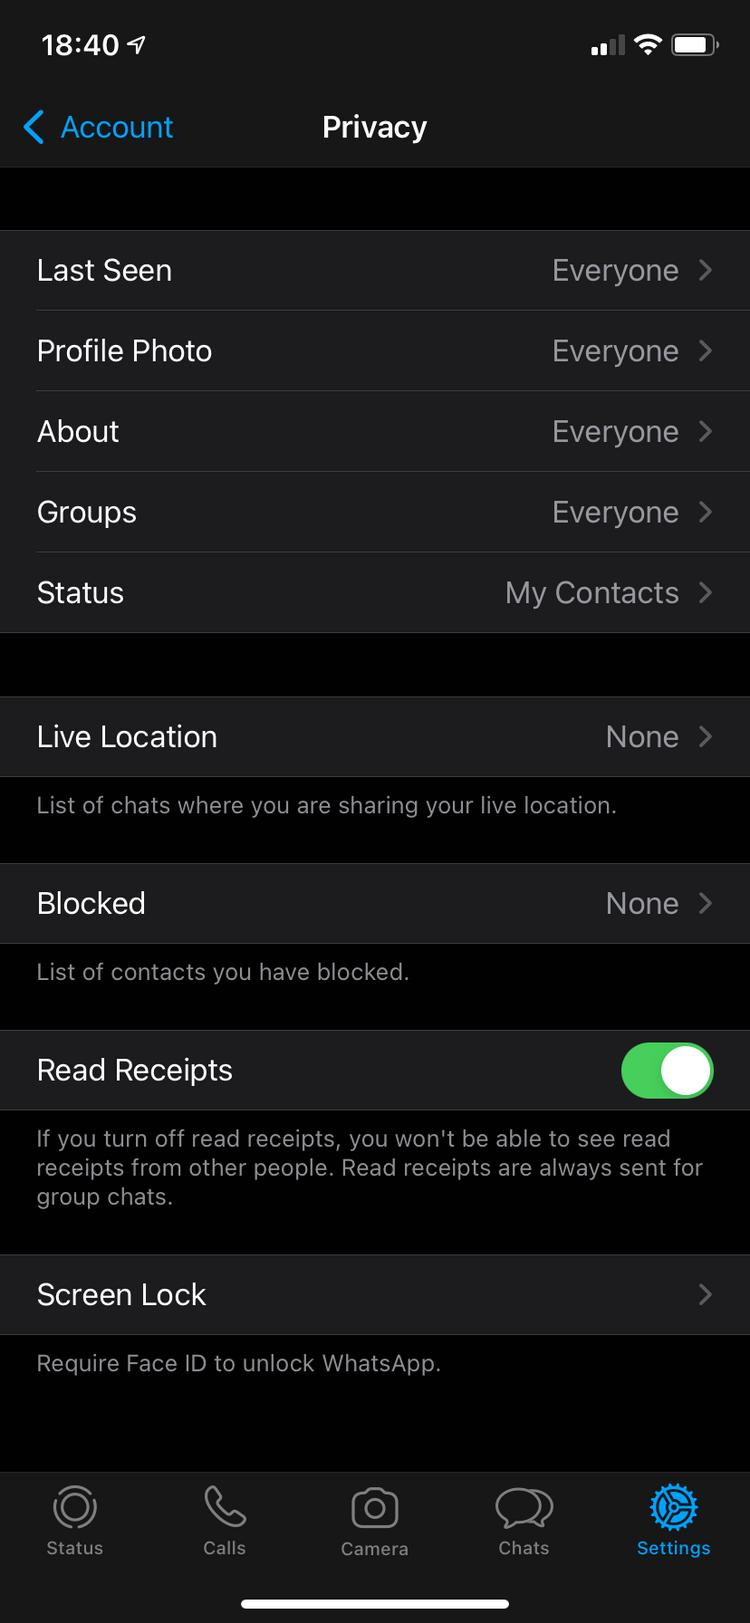 نحوه مشاهده زمان دقیق خواندن پیام در واتساپ